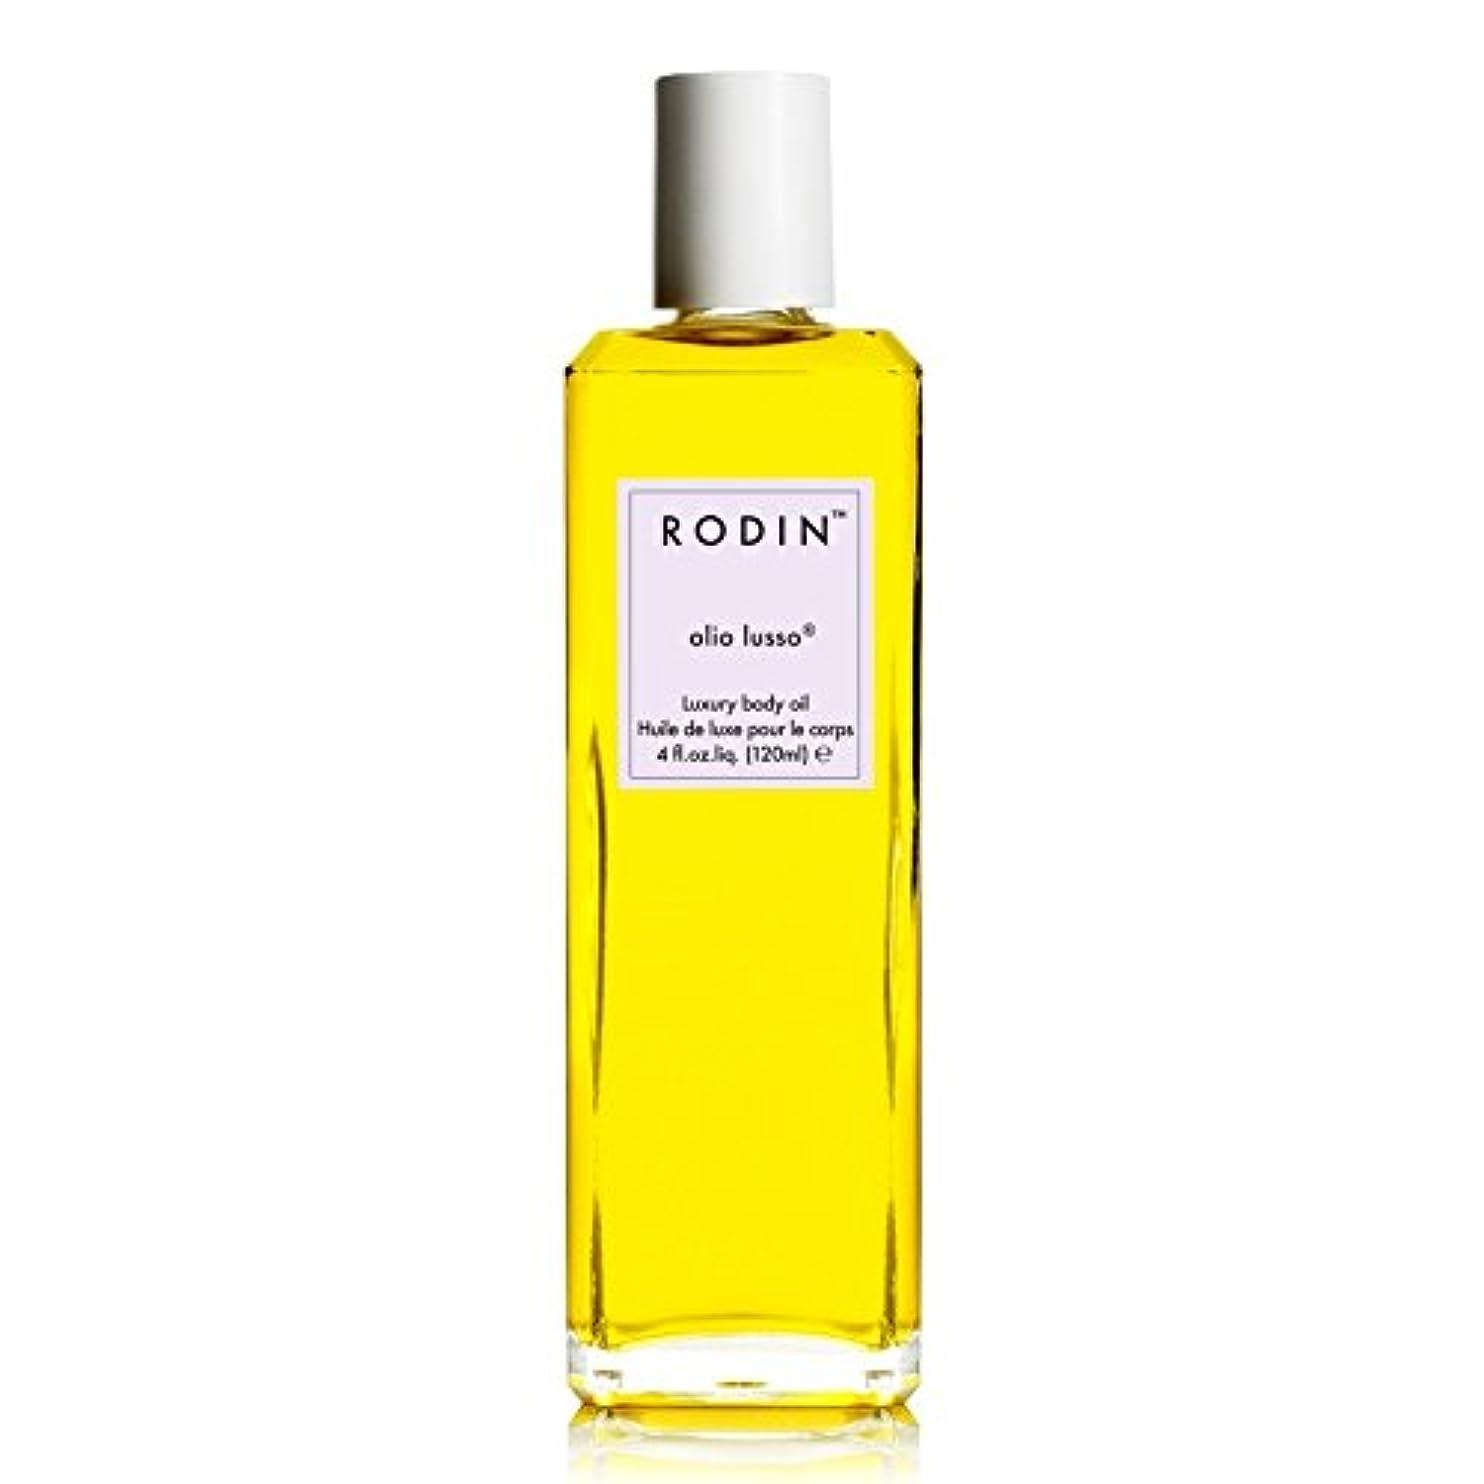 ゴール保守的狂うロダンルッソラベンダー絶対贅沢なボディオイル30ミリリットル x2 - RODIN olio lusso Lavender Absolute Luxury Body Oil 30ml (Pack of 2) [並行輸入品]